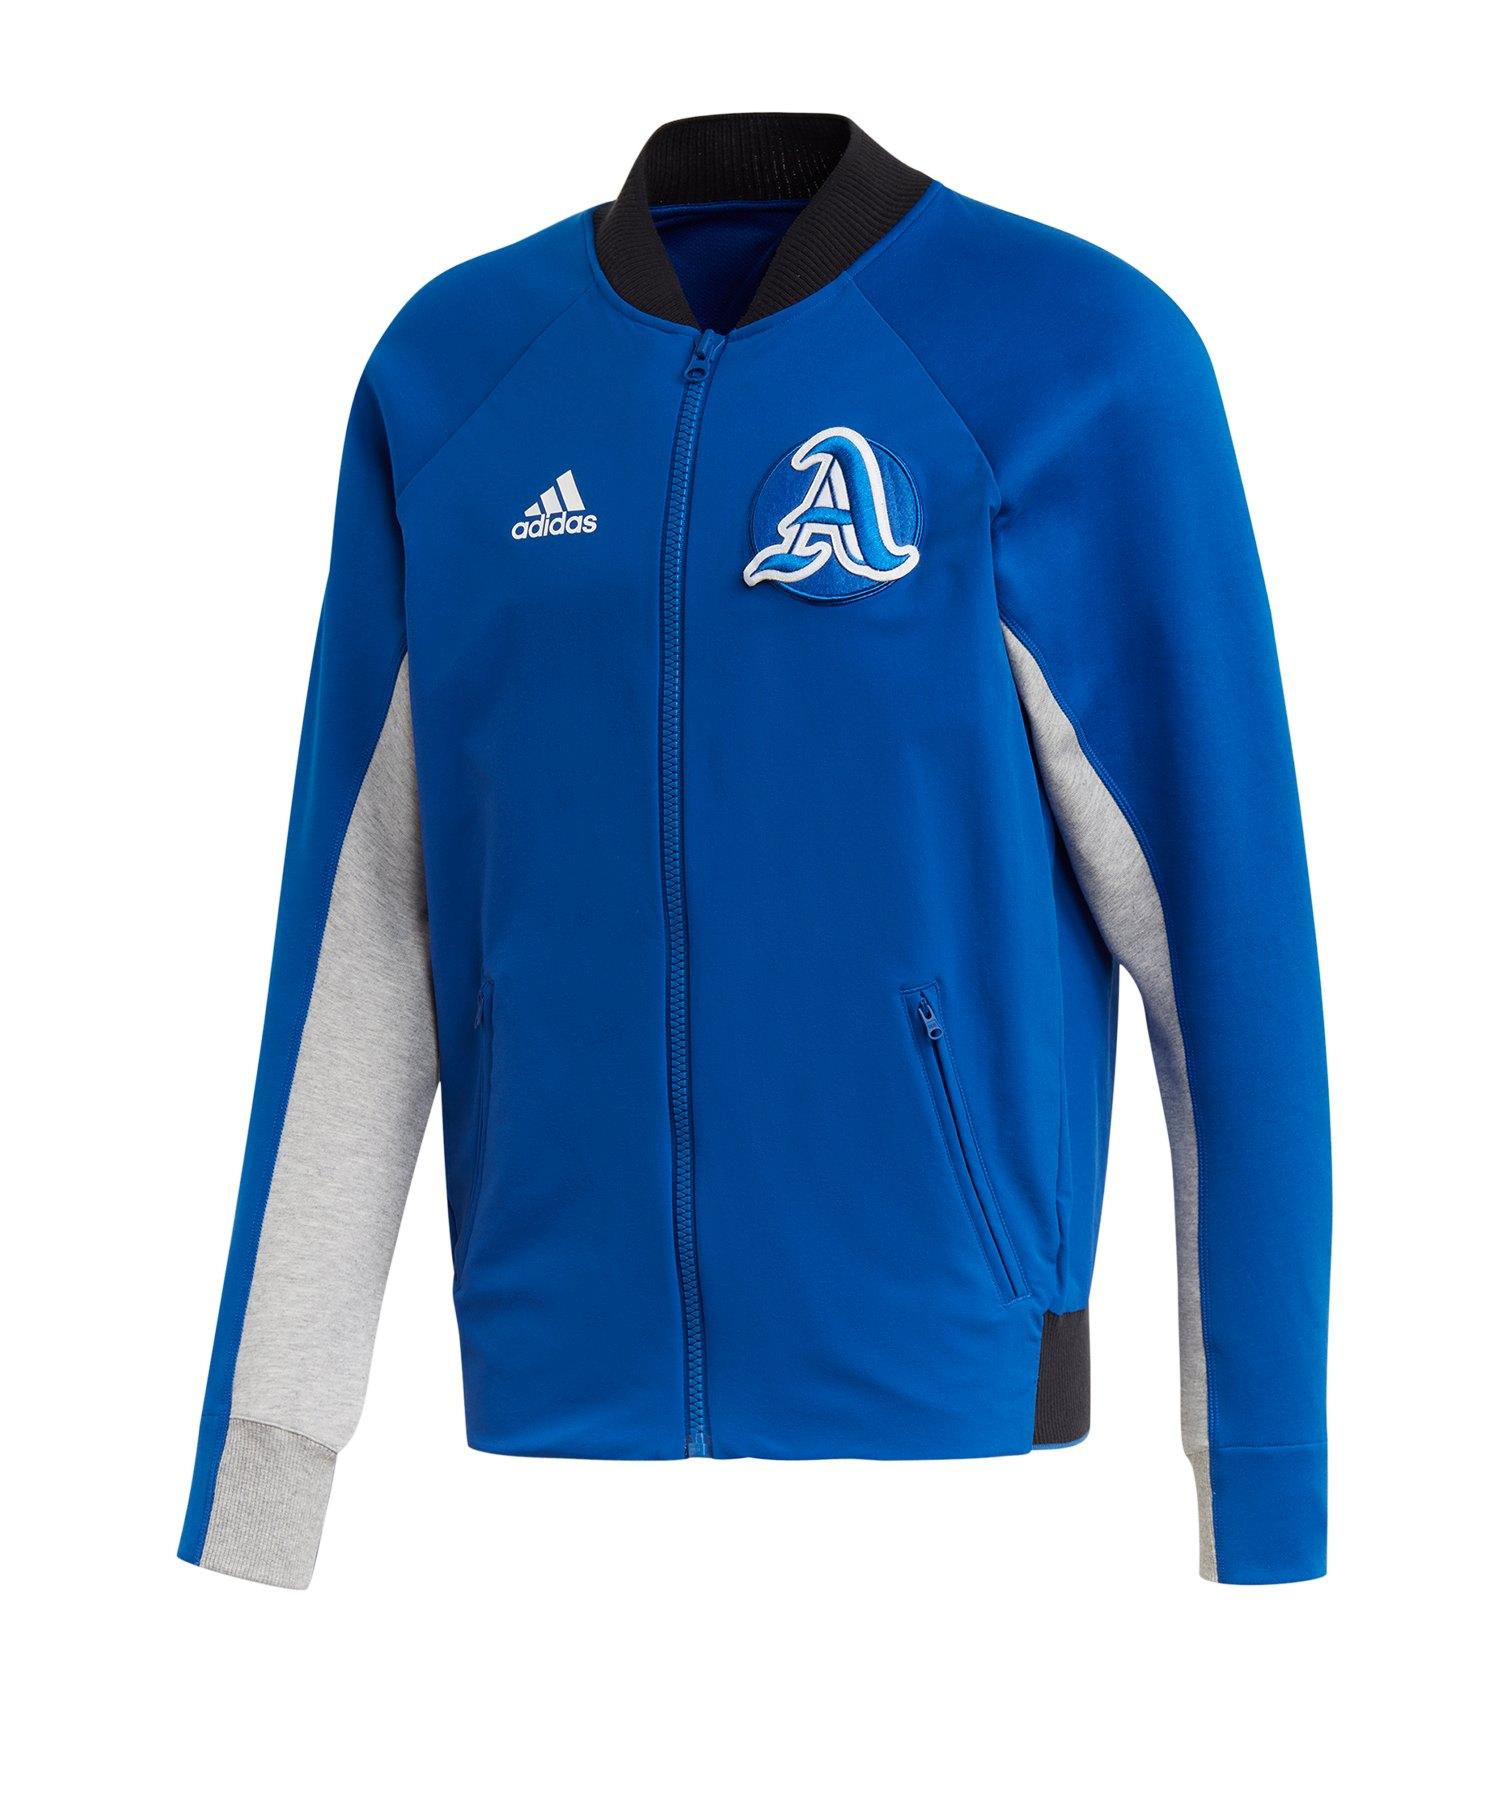 adidas V City Jacke Blau - blau